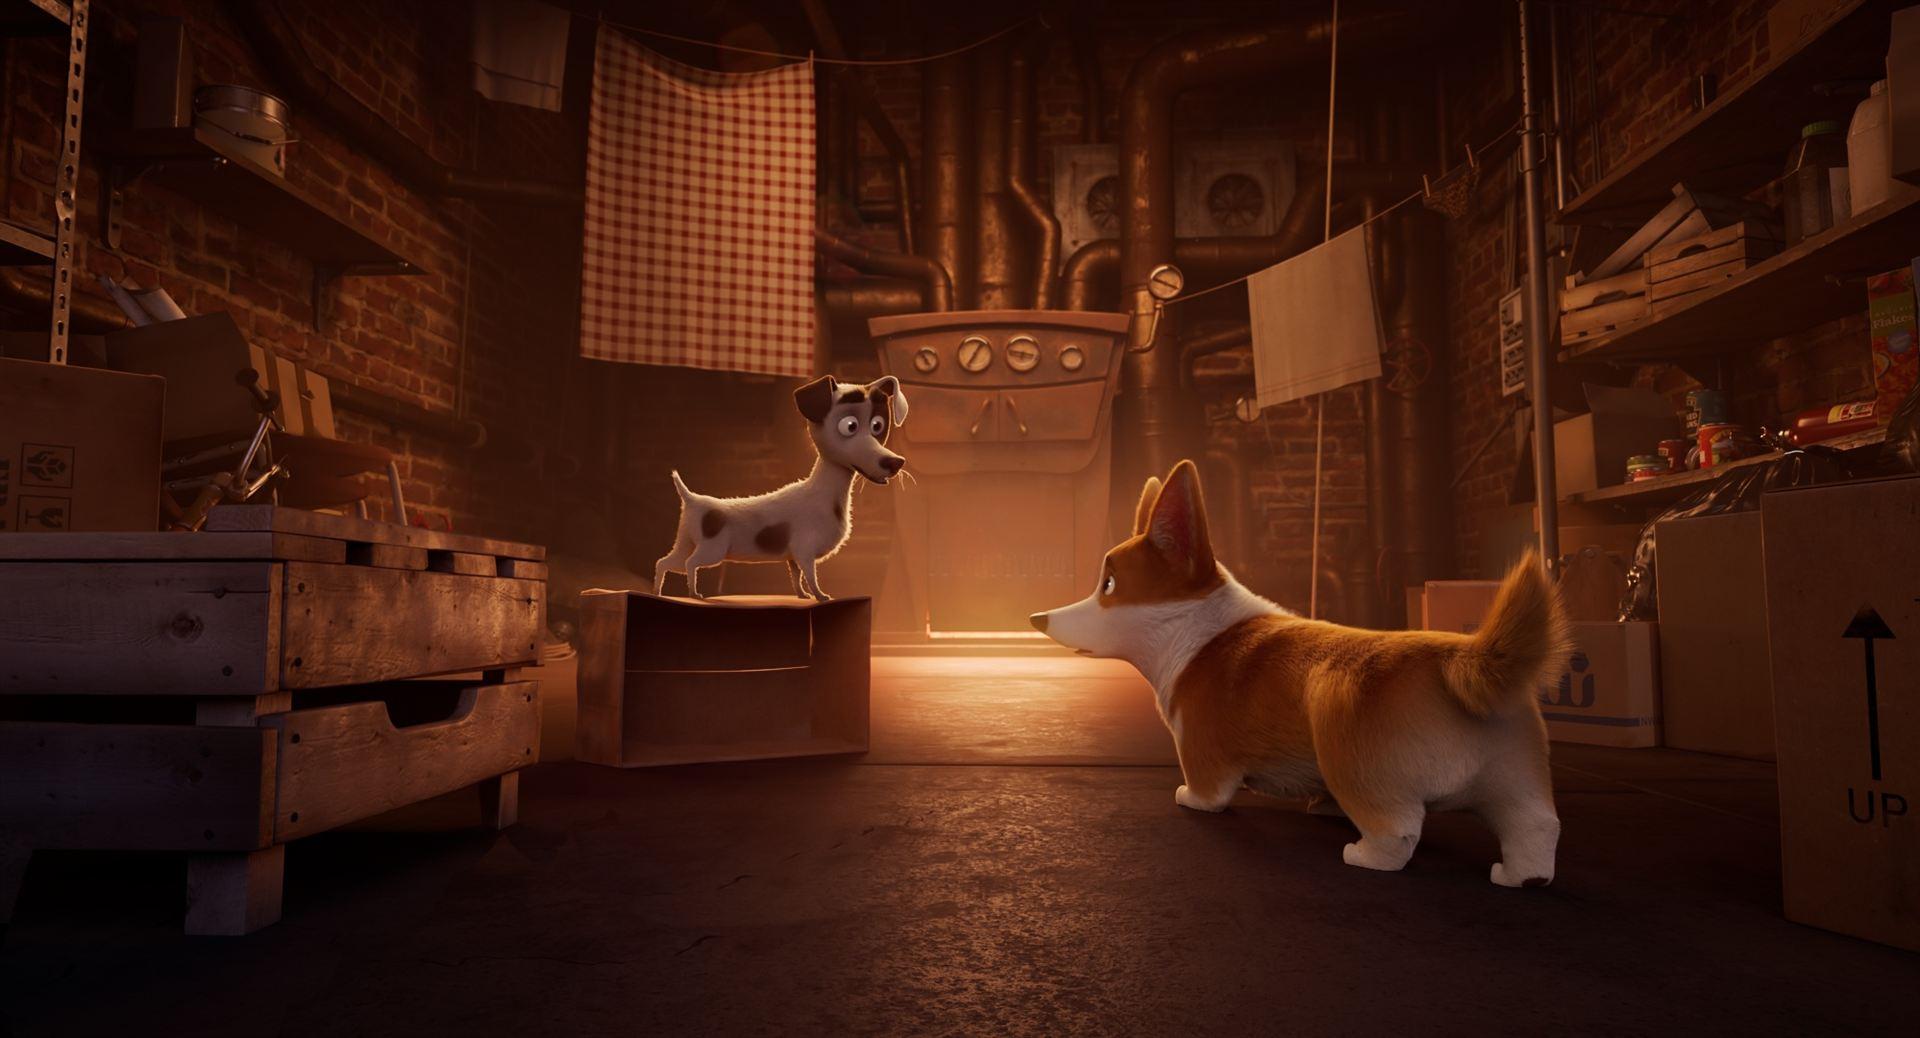 Corgi, las mascotas de la reina_imagen2